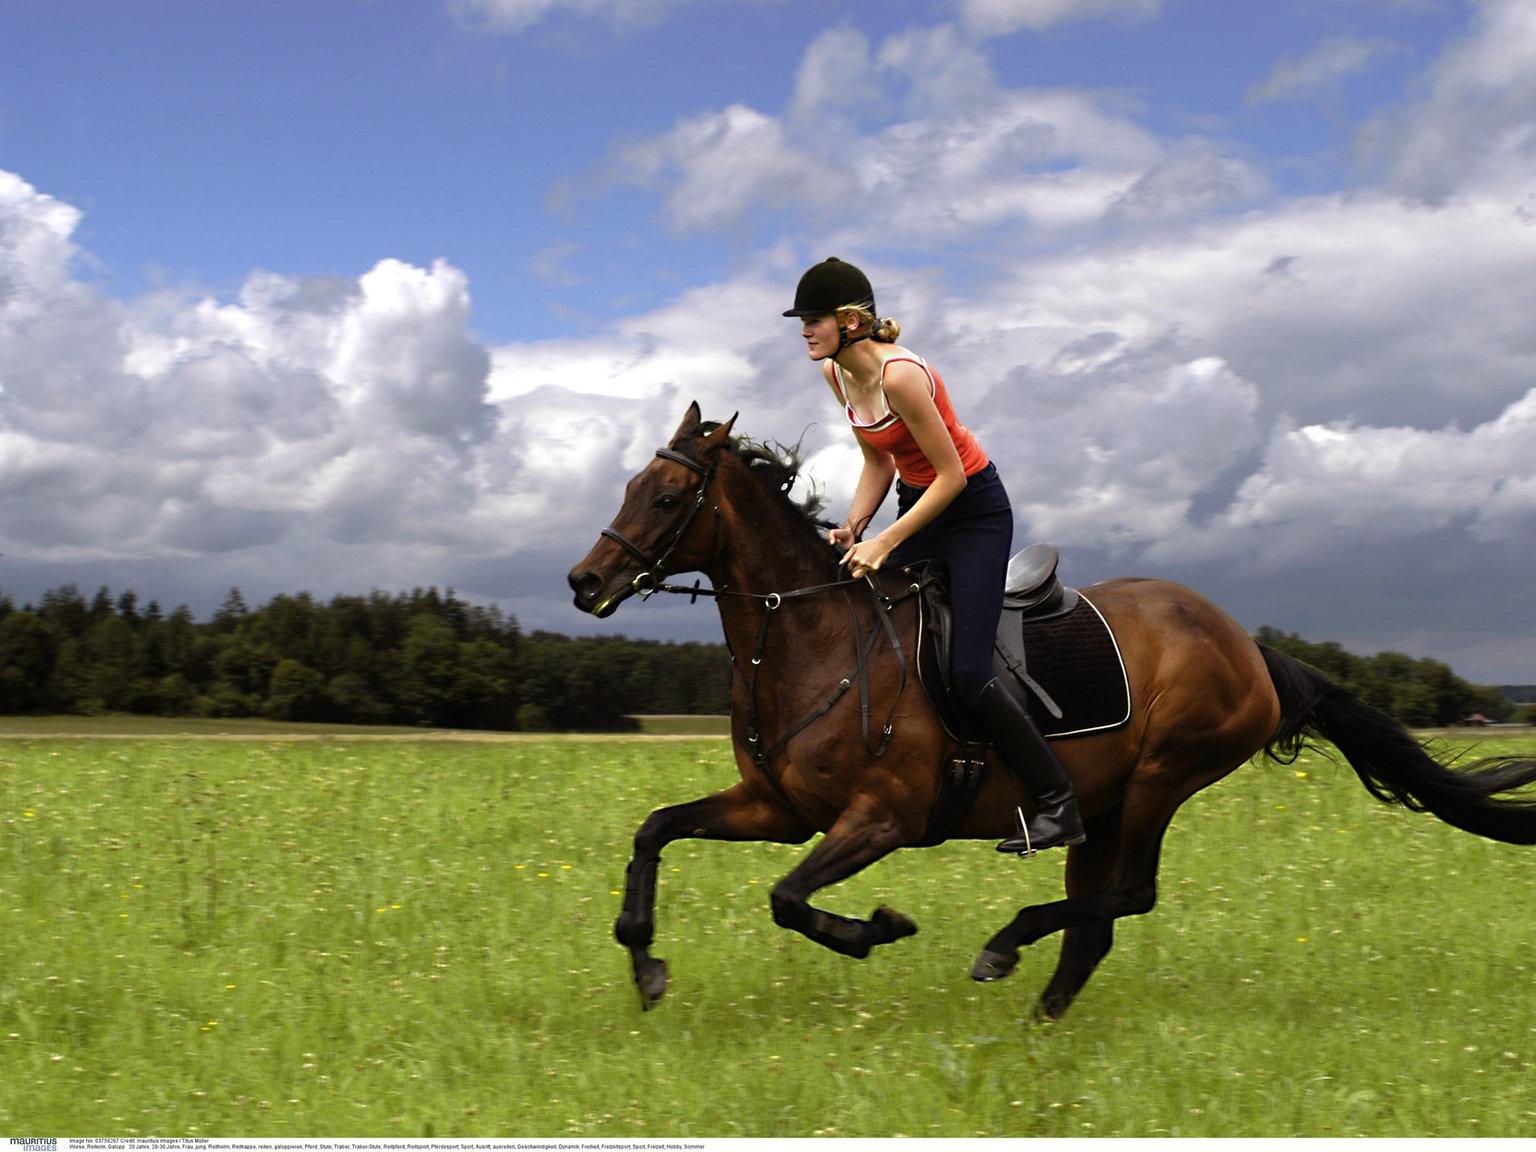 Reiten pferd nackt Reiten, Pferde,